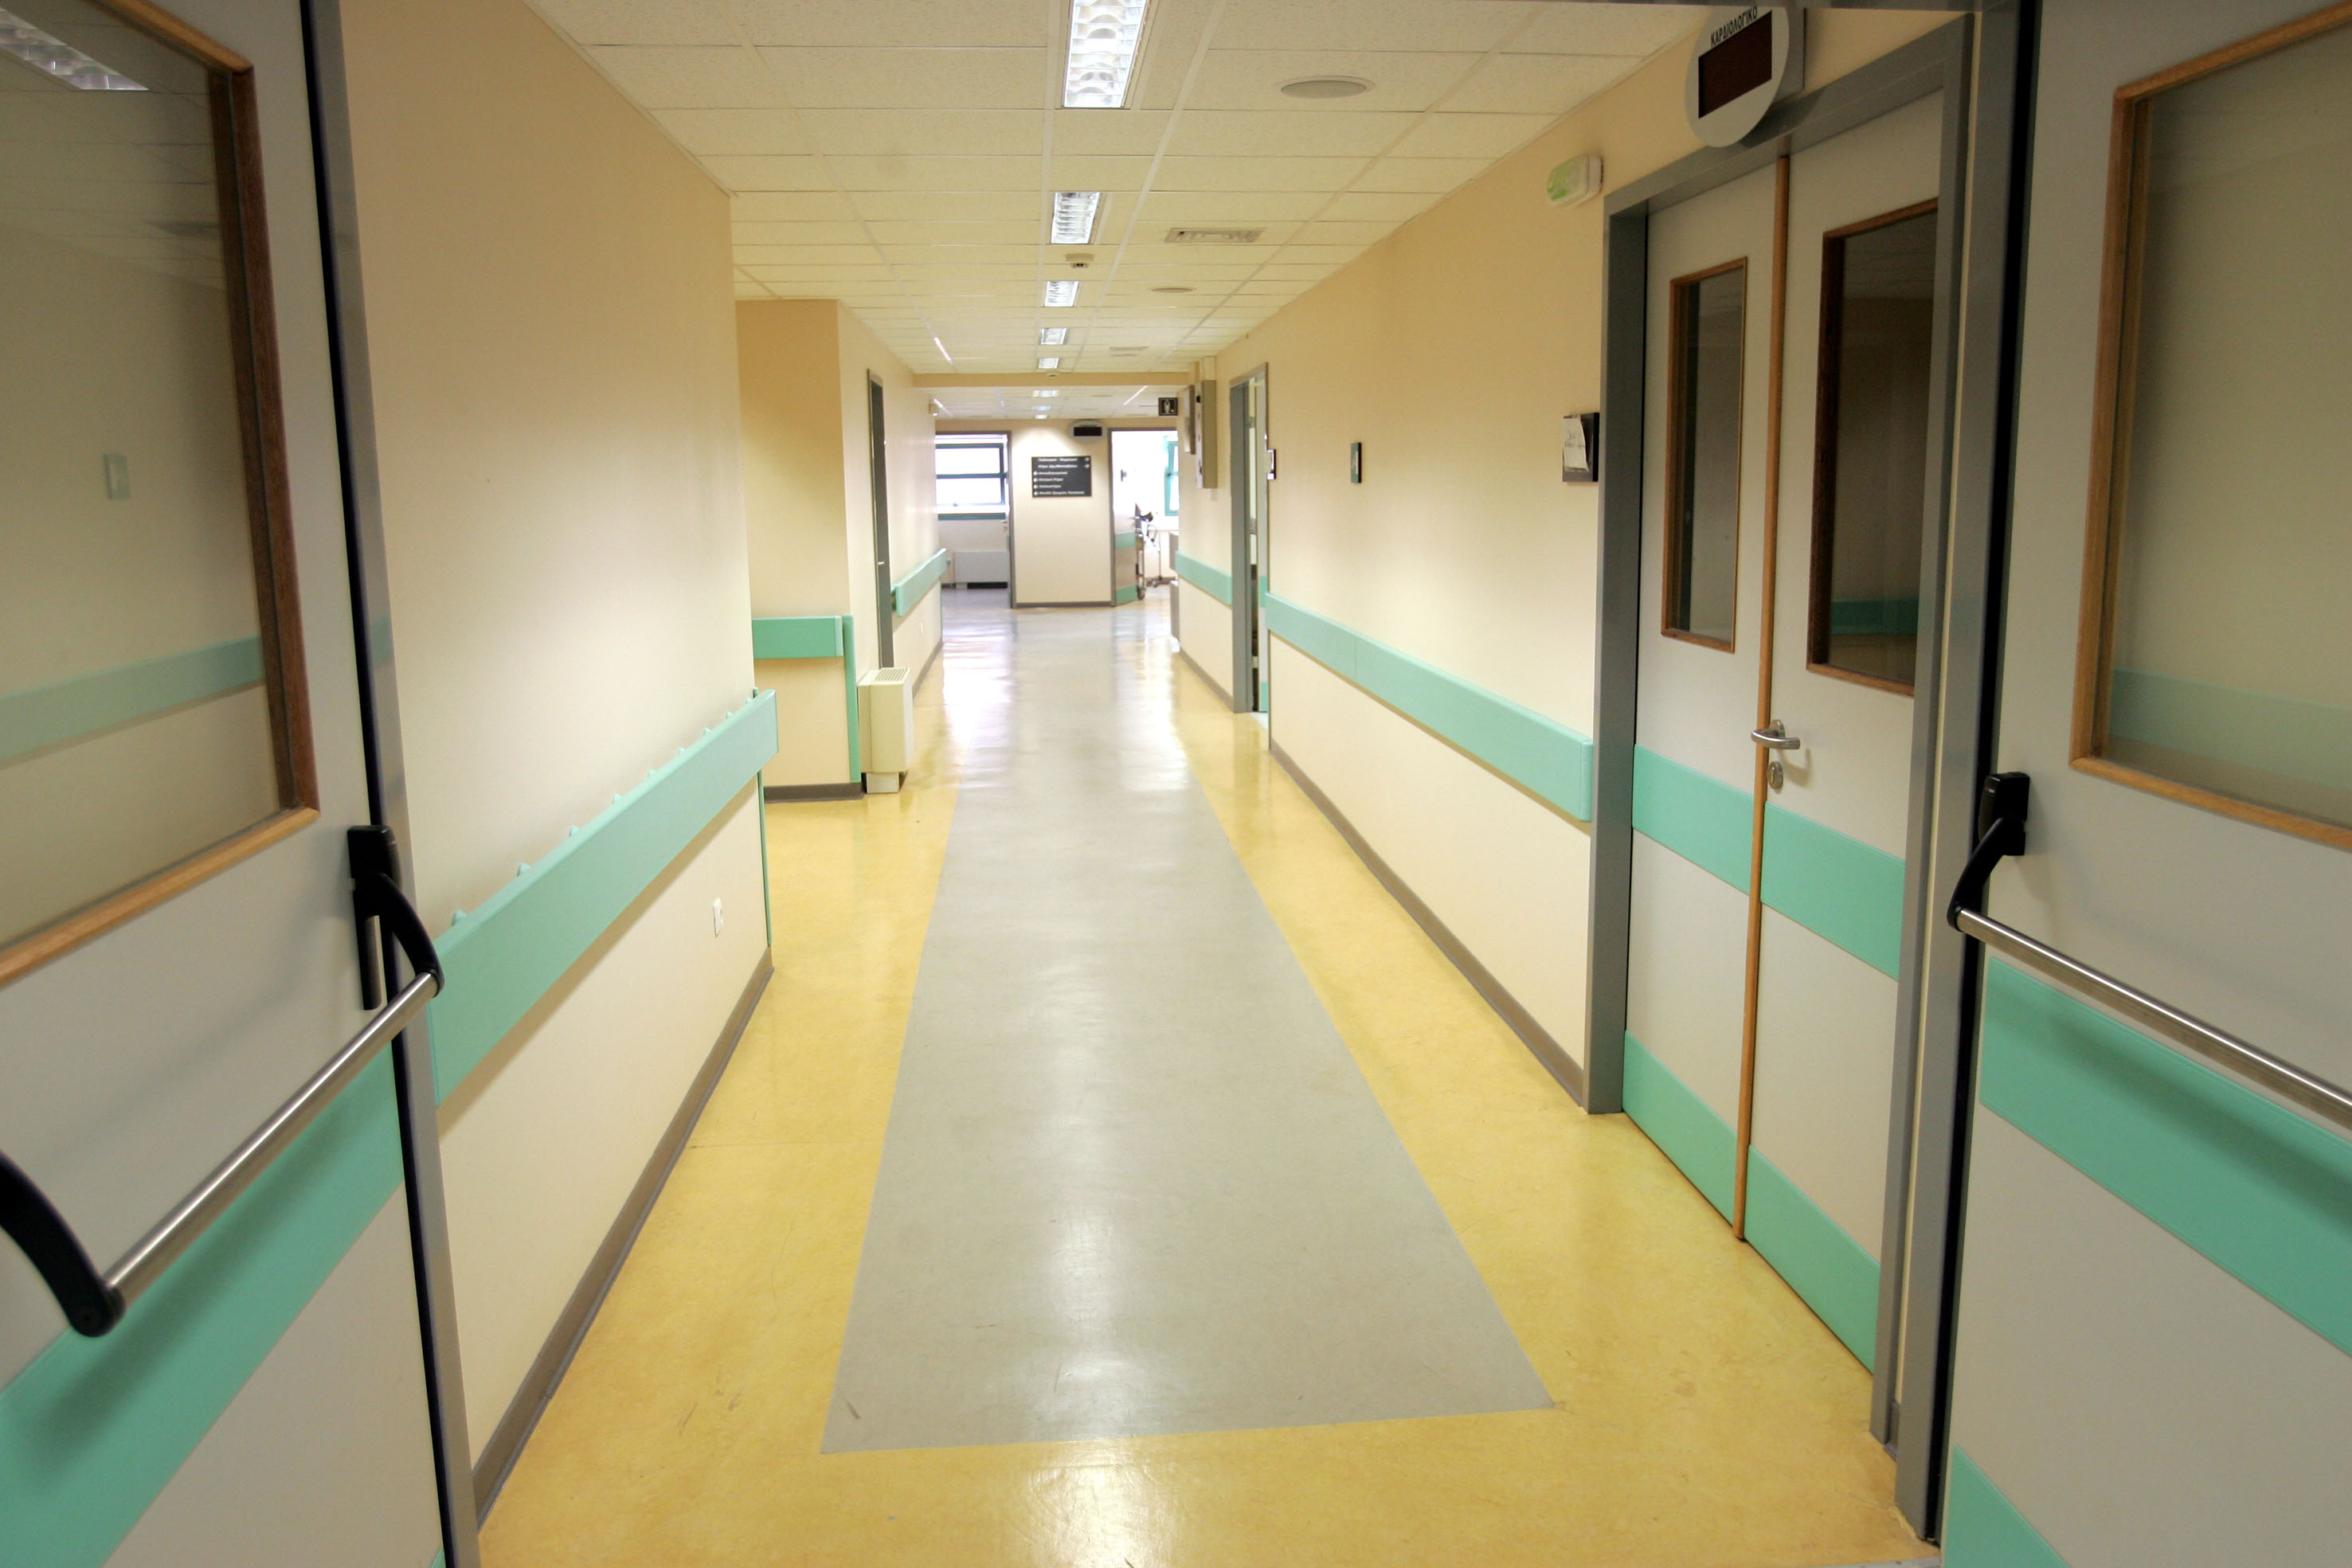 ΕΚΘ: Να διασφαλιστούν οι συνθήκες εργασίας και αμοιβής των εργαζομένων στις ιδιωτικές κλινικές που έχουν επιταχθεί